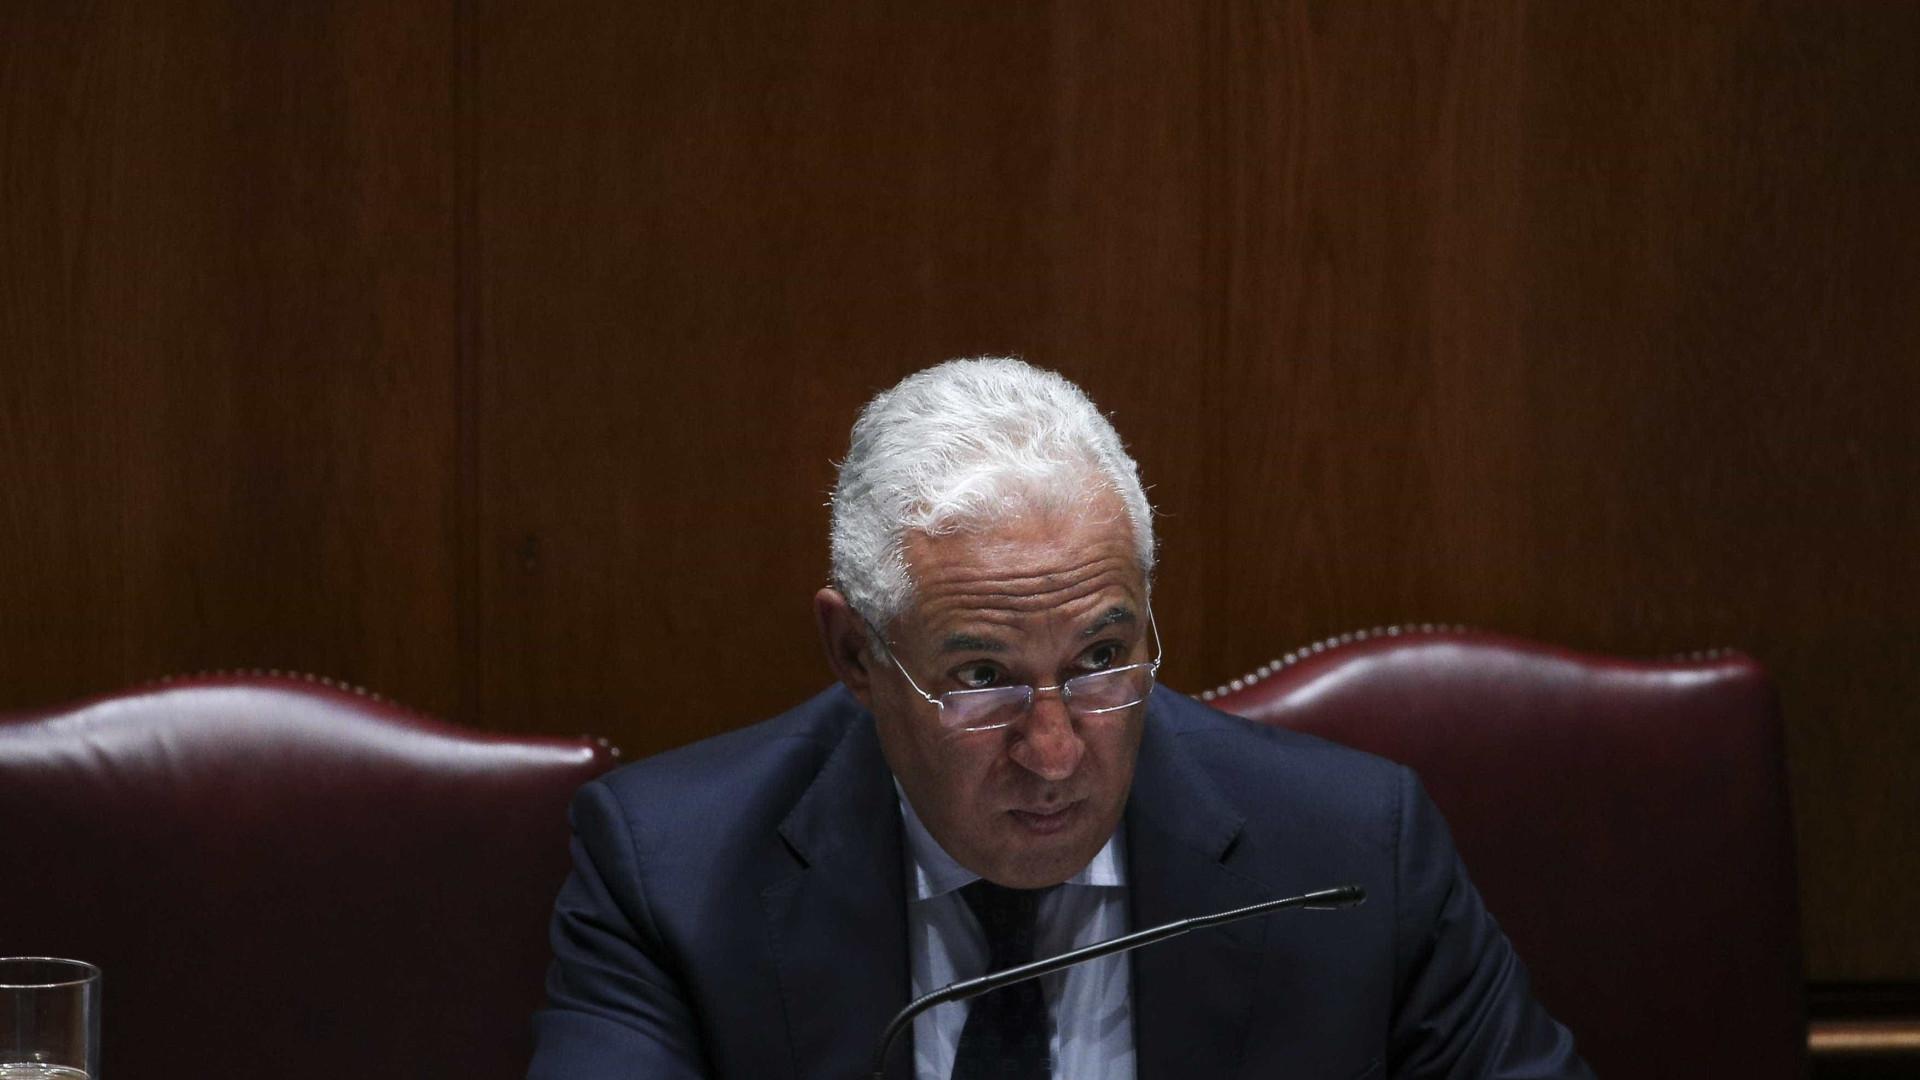 Costa anuncia acordo com Andorra para acesso a serviços públicos